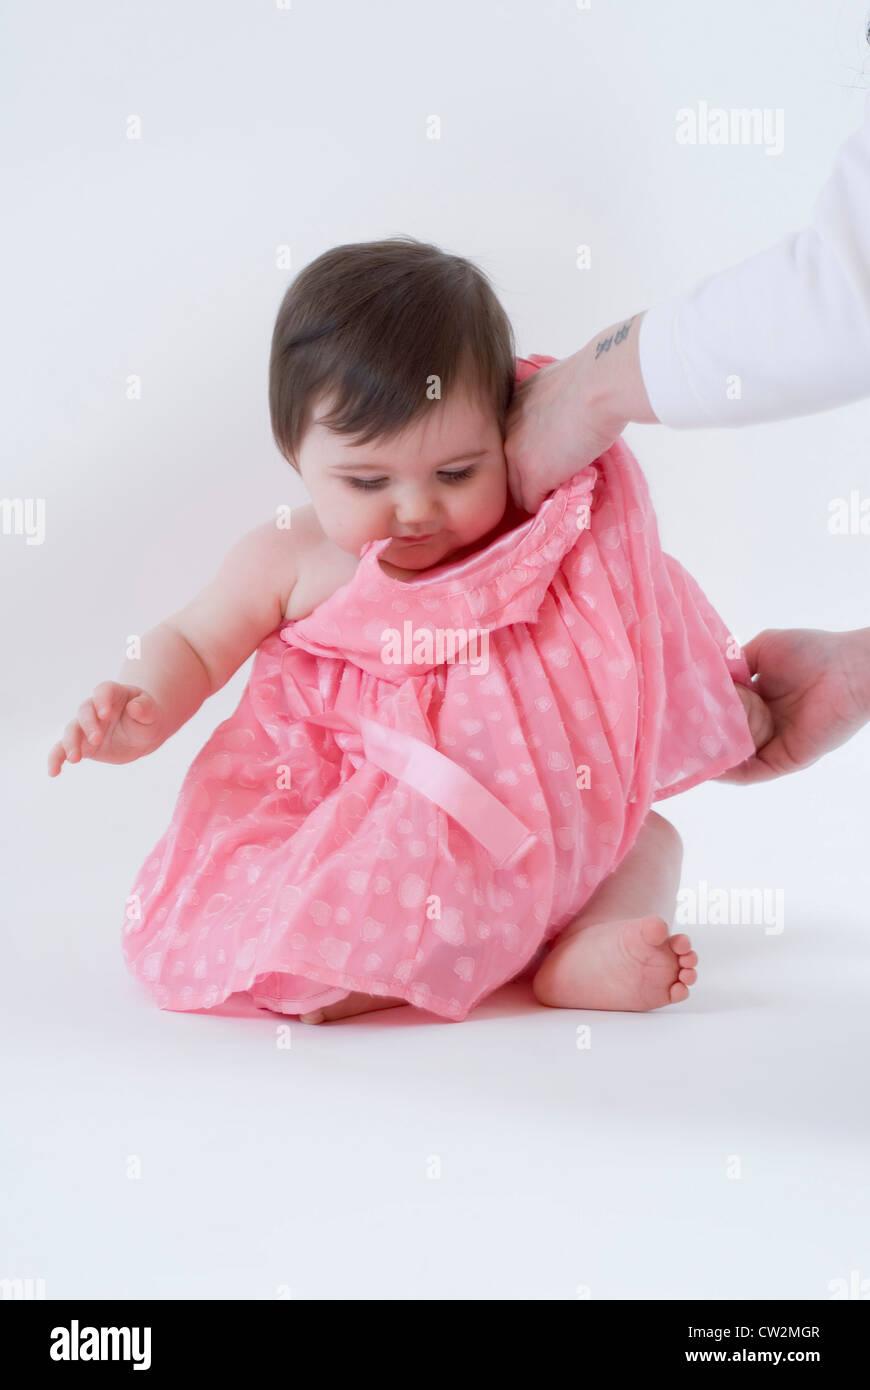 Cerca de Niña está vestida preguntando a sus volantes en color rosa ...